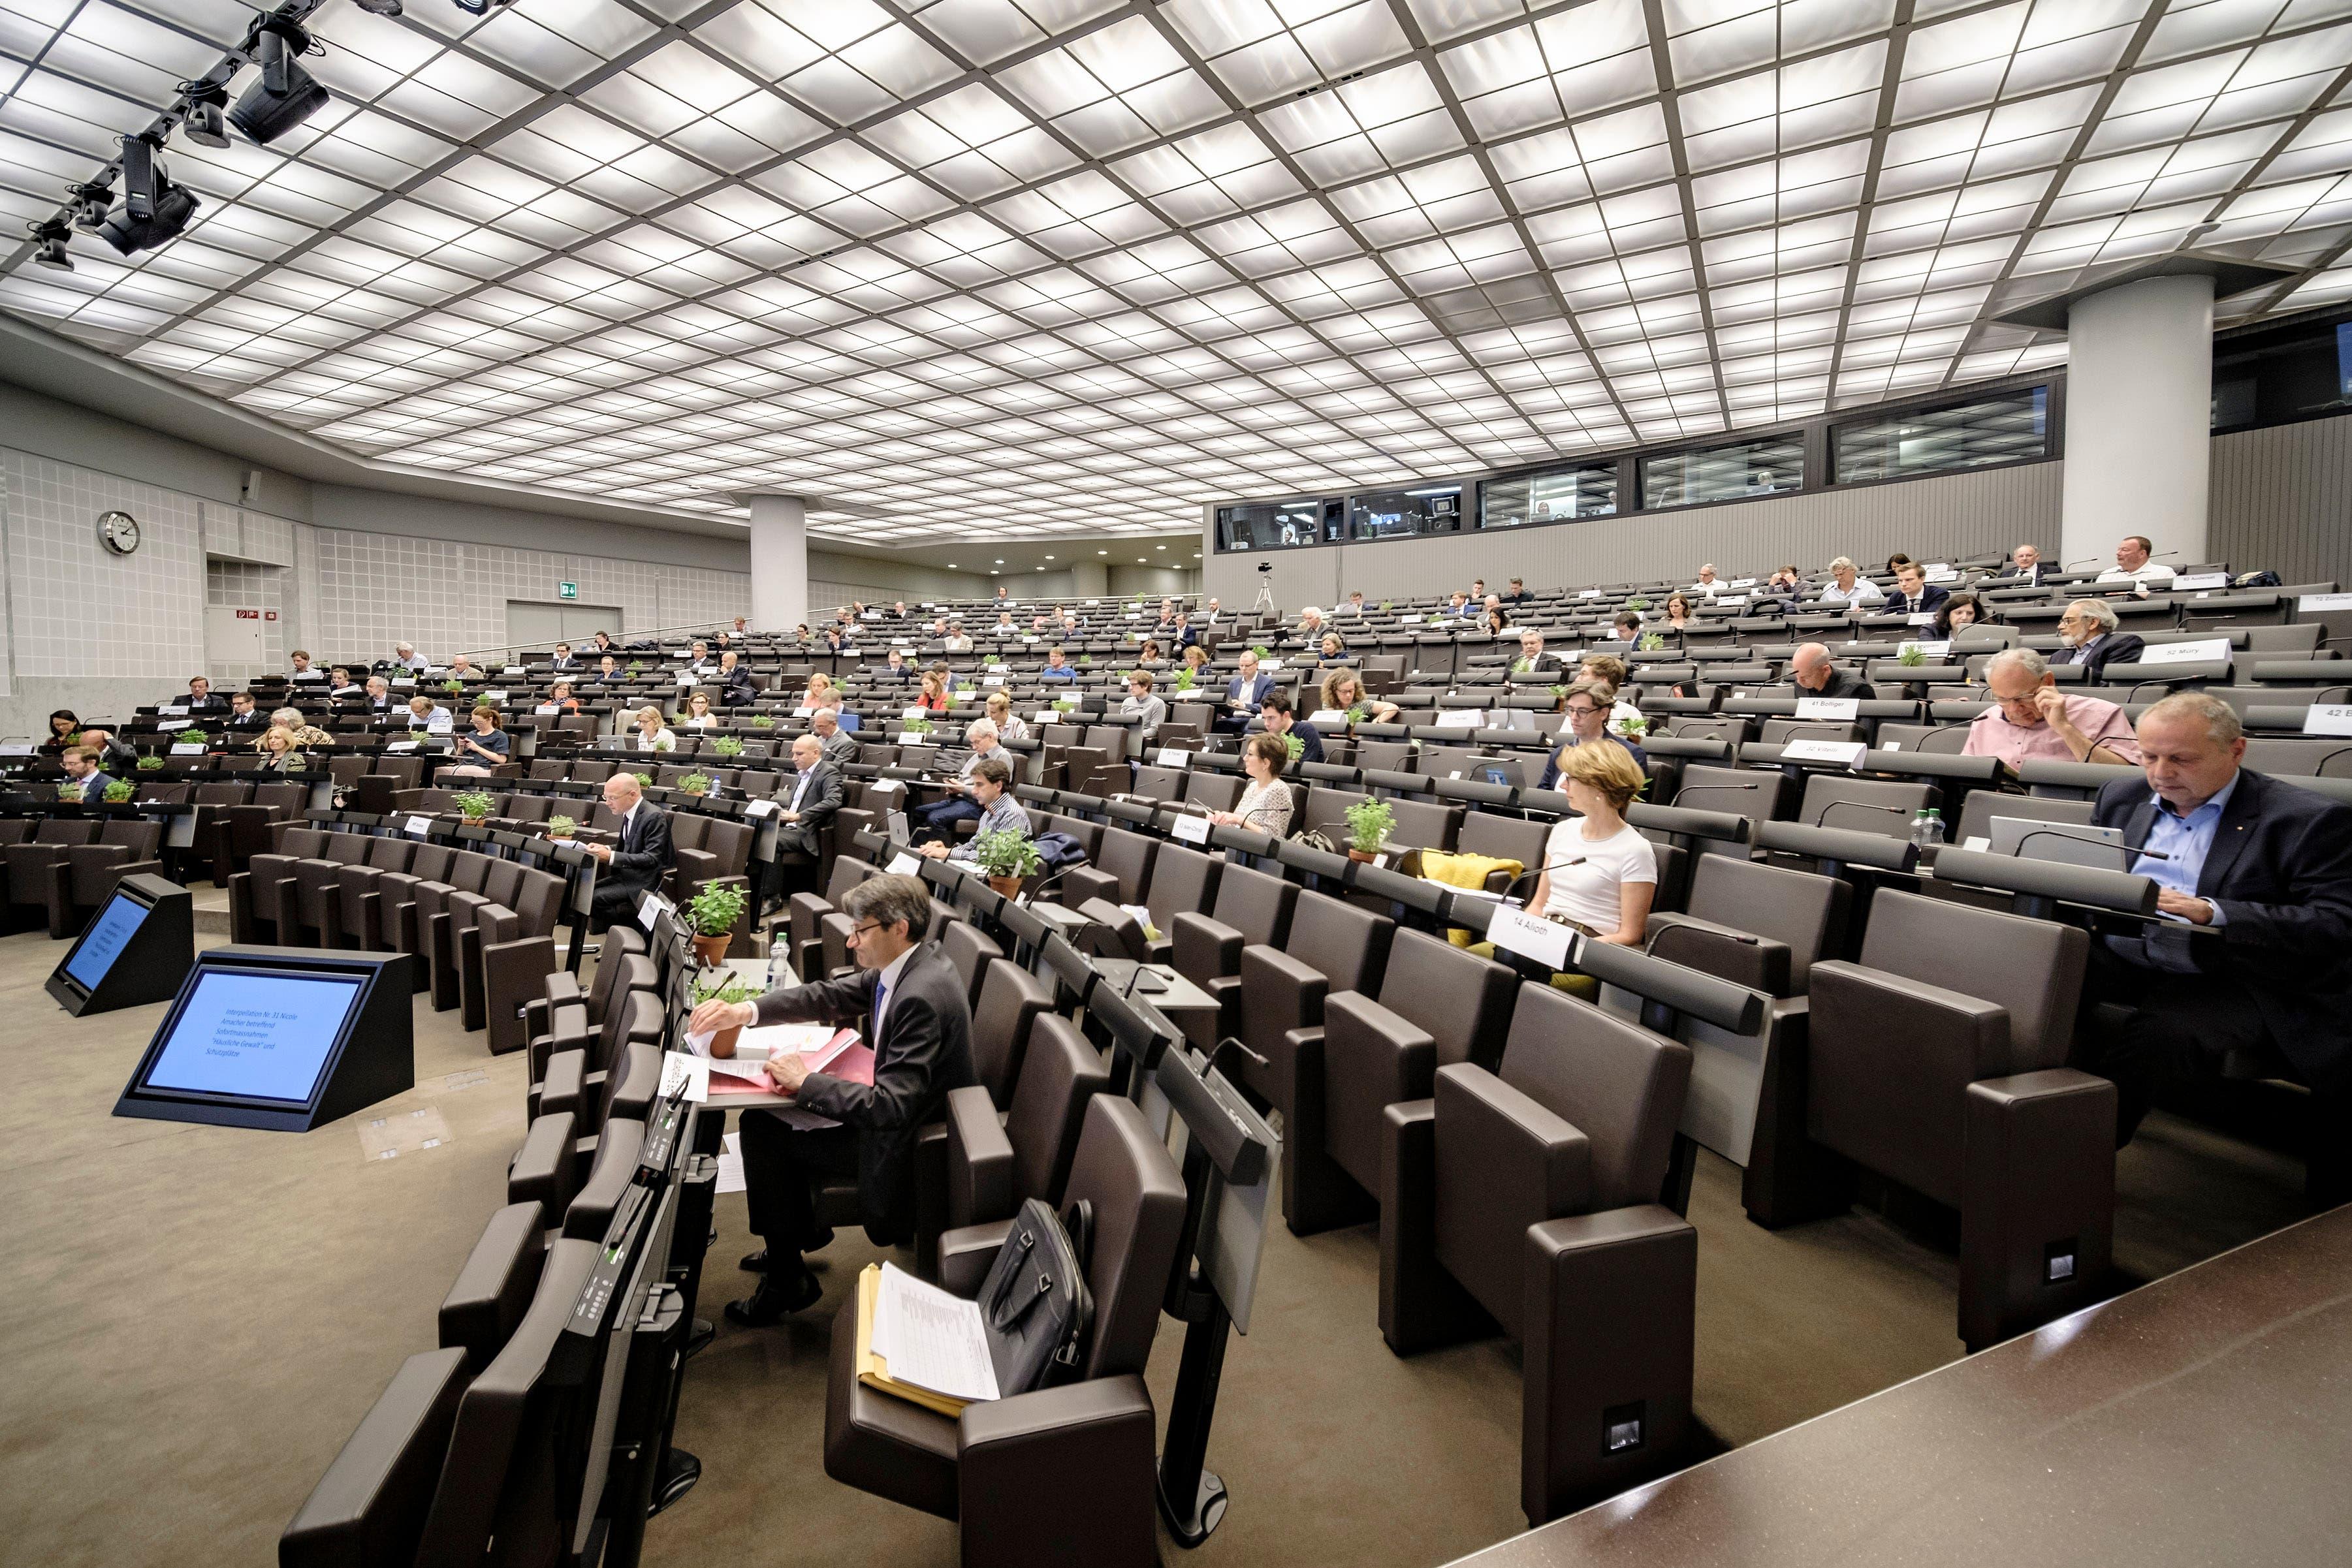 Für einmal blicken die Mitglieder des Grossen Rats und die Regierungsräte in dieselbe Richtung. Nämlich zu Grossratspräsidentin Salome Hofer und der riesigen Leinwand hinter ihr.